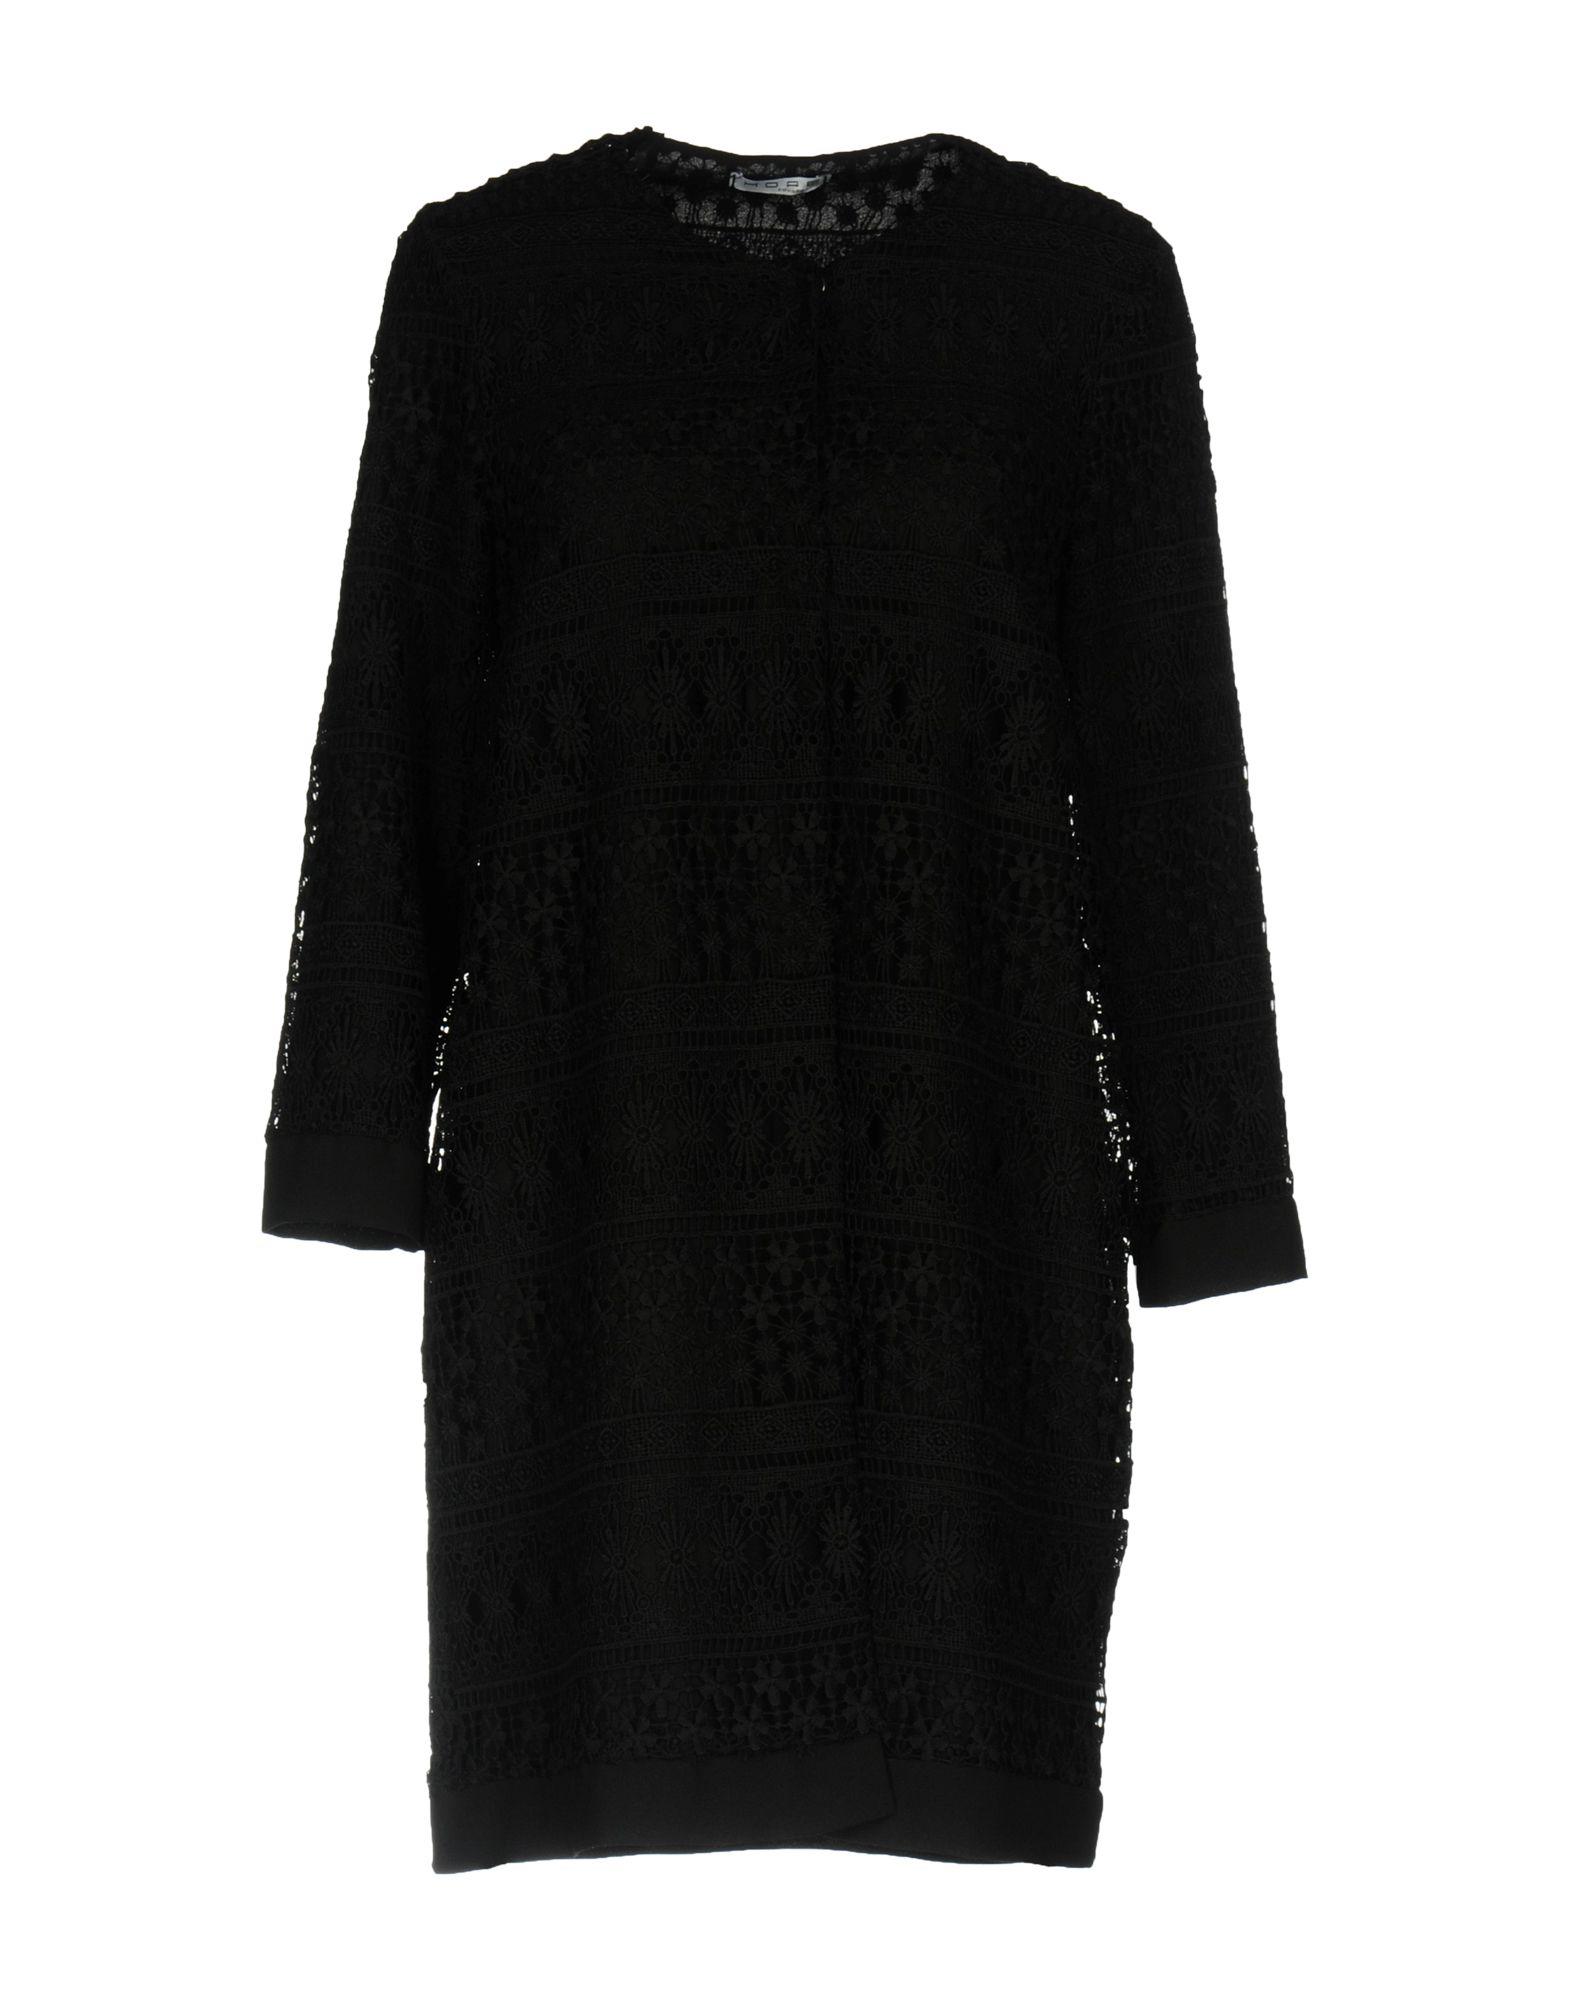 HOPE COLLECTION Damen Lange Jacke Farbe Schwarz Größe 5